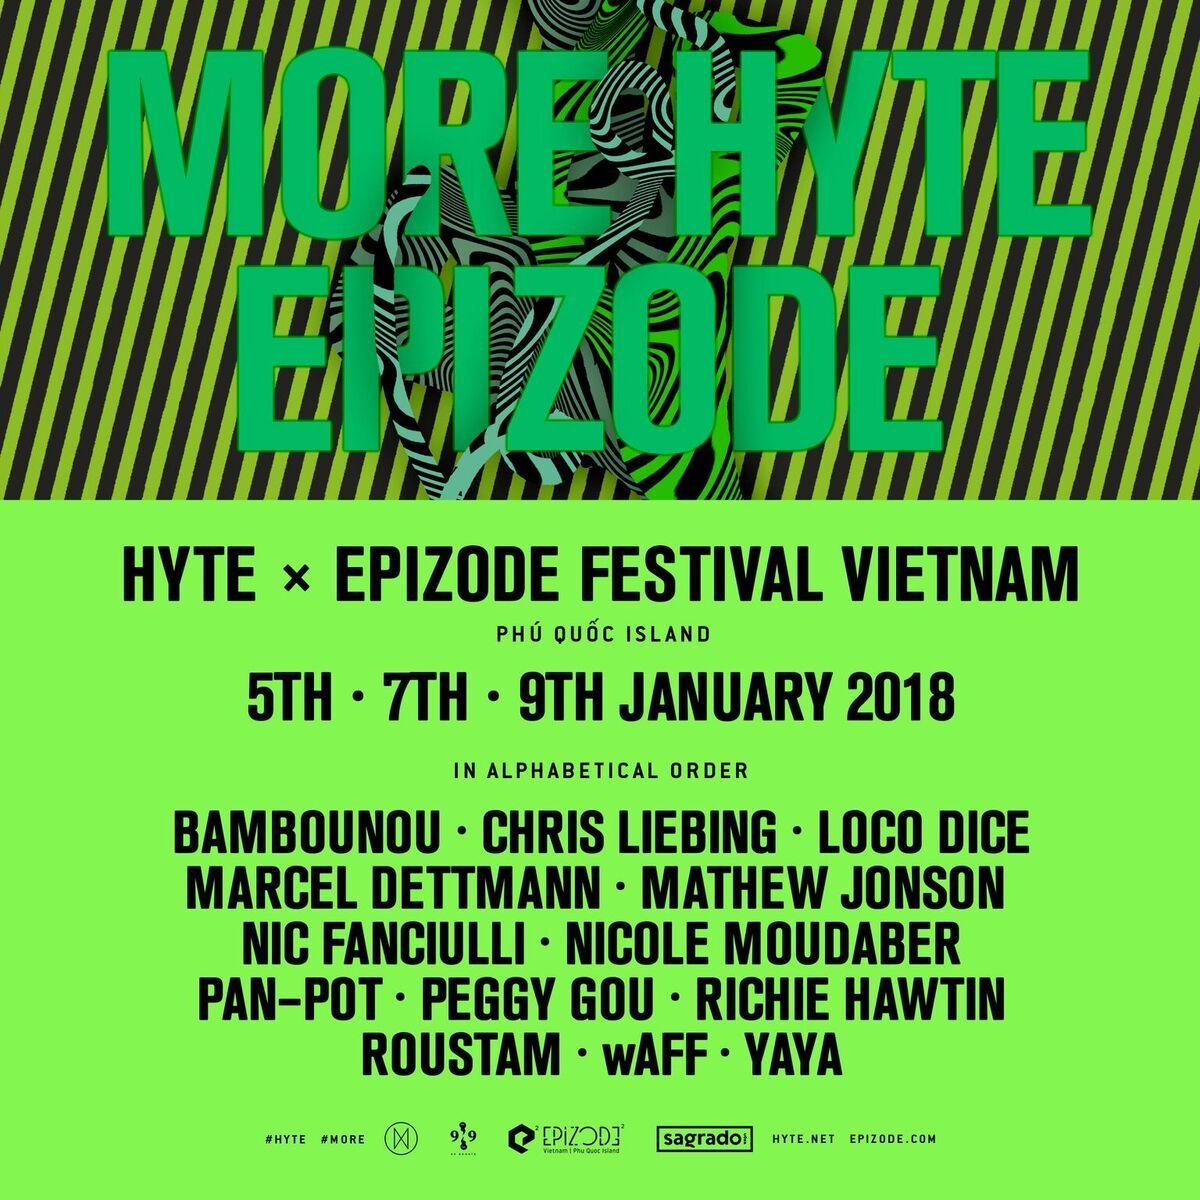 2017_hyte_vietnam_lineup_1080x1080_preview.jpeg